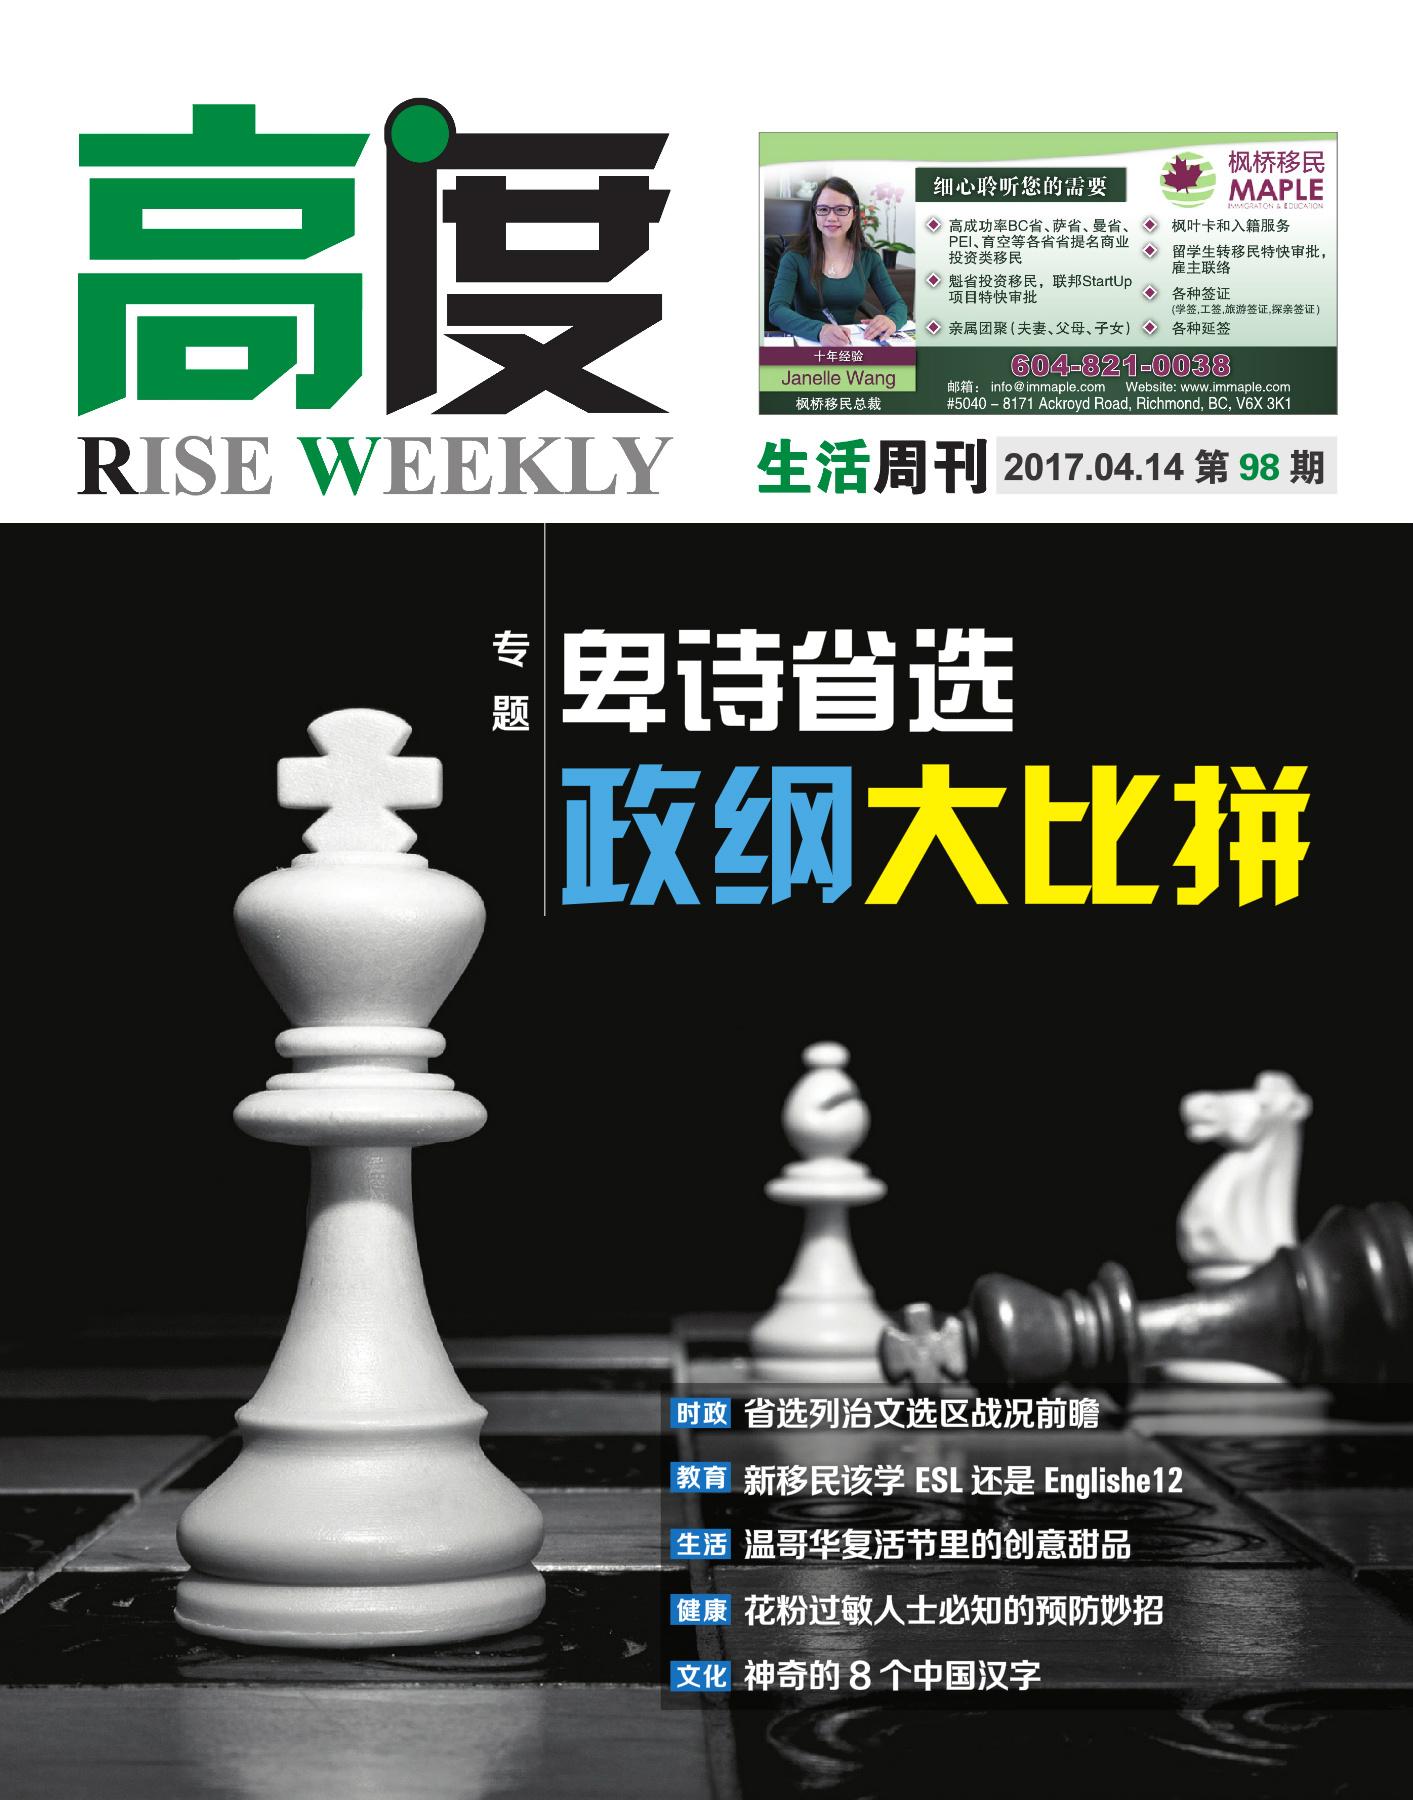 高度生活周刊 2017年04月14日 第98期